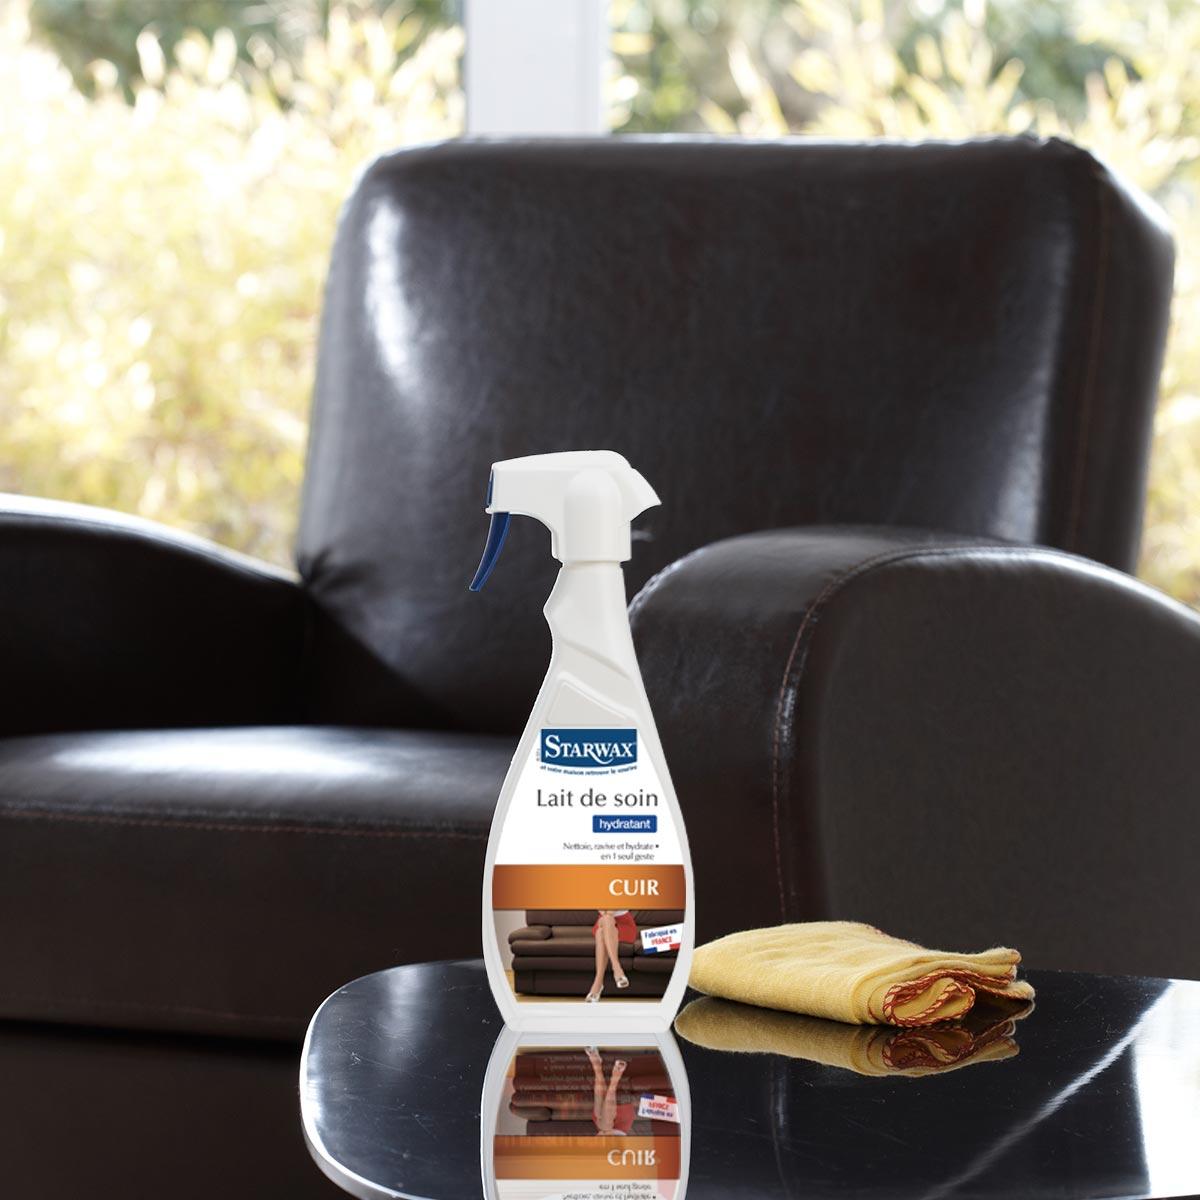 Entretien Canapé Cuir Naturel lait de soin hydratant pour cuir | starwax, produits d